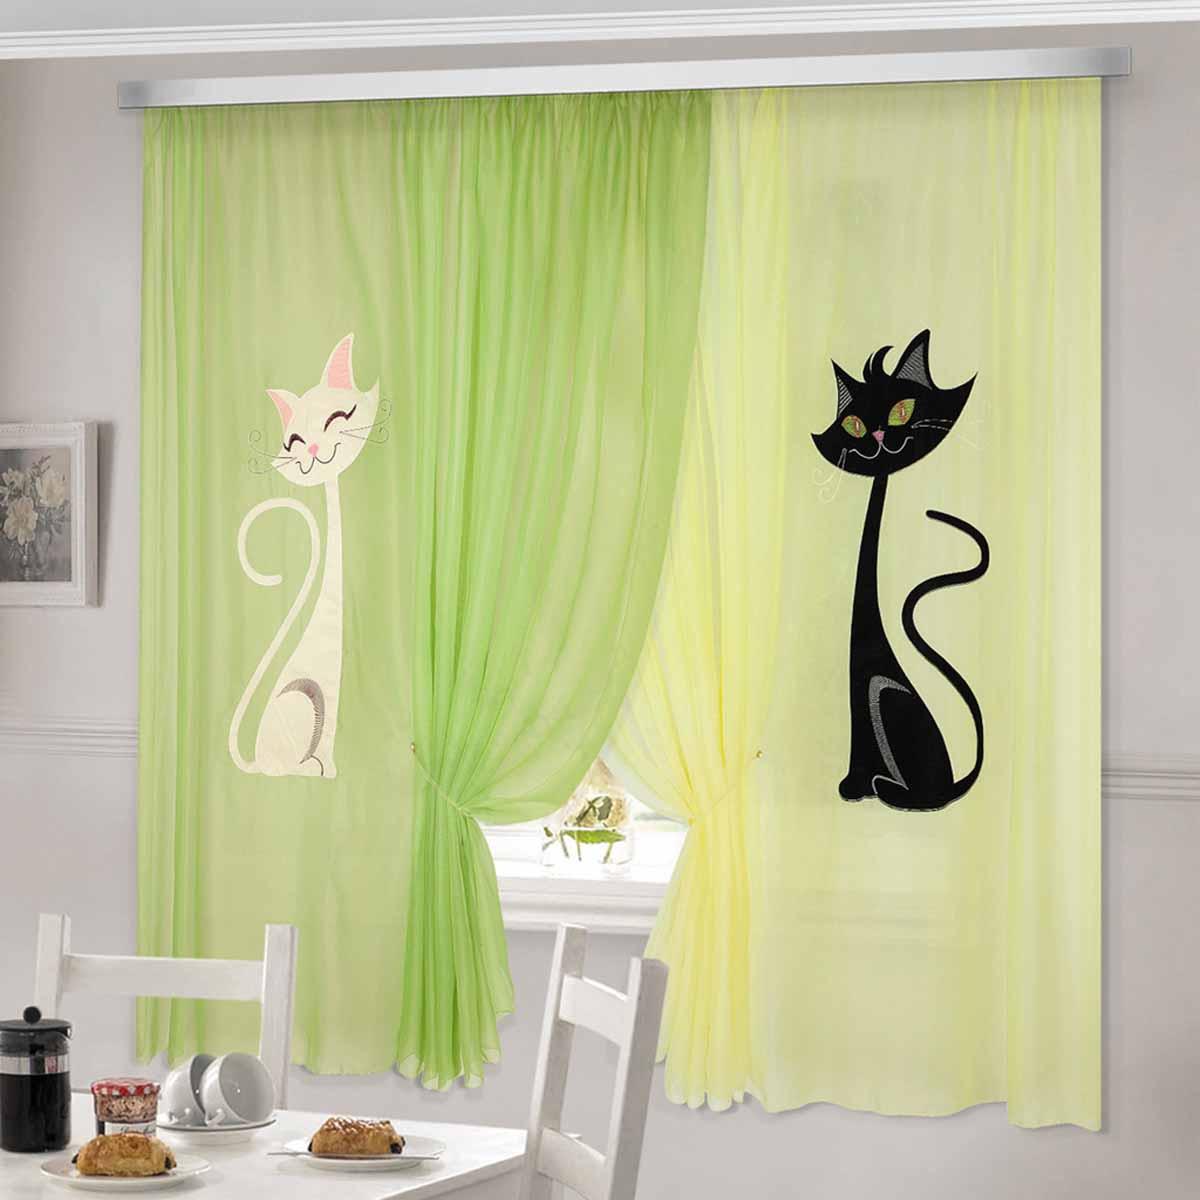 Комплект штор ТД Текстиль Кэти, на ленте, цвет: зеленый, желтый, высота 180 смKGB GX-3Шторы выполнены из вуалевого полотна с аппликацией в виде кошек. Стирать аккуратно, не более 30-40 градусов. Цвета в ассортименте.